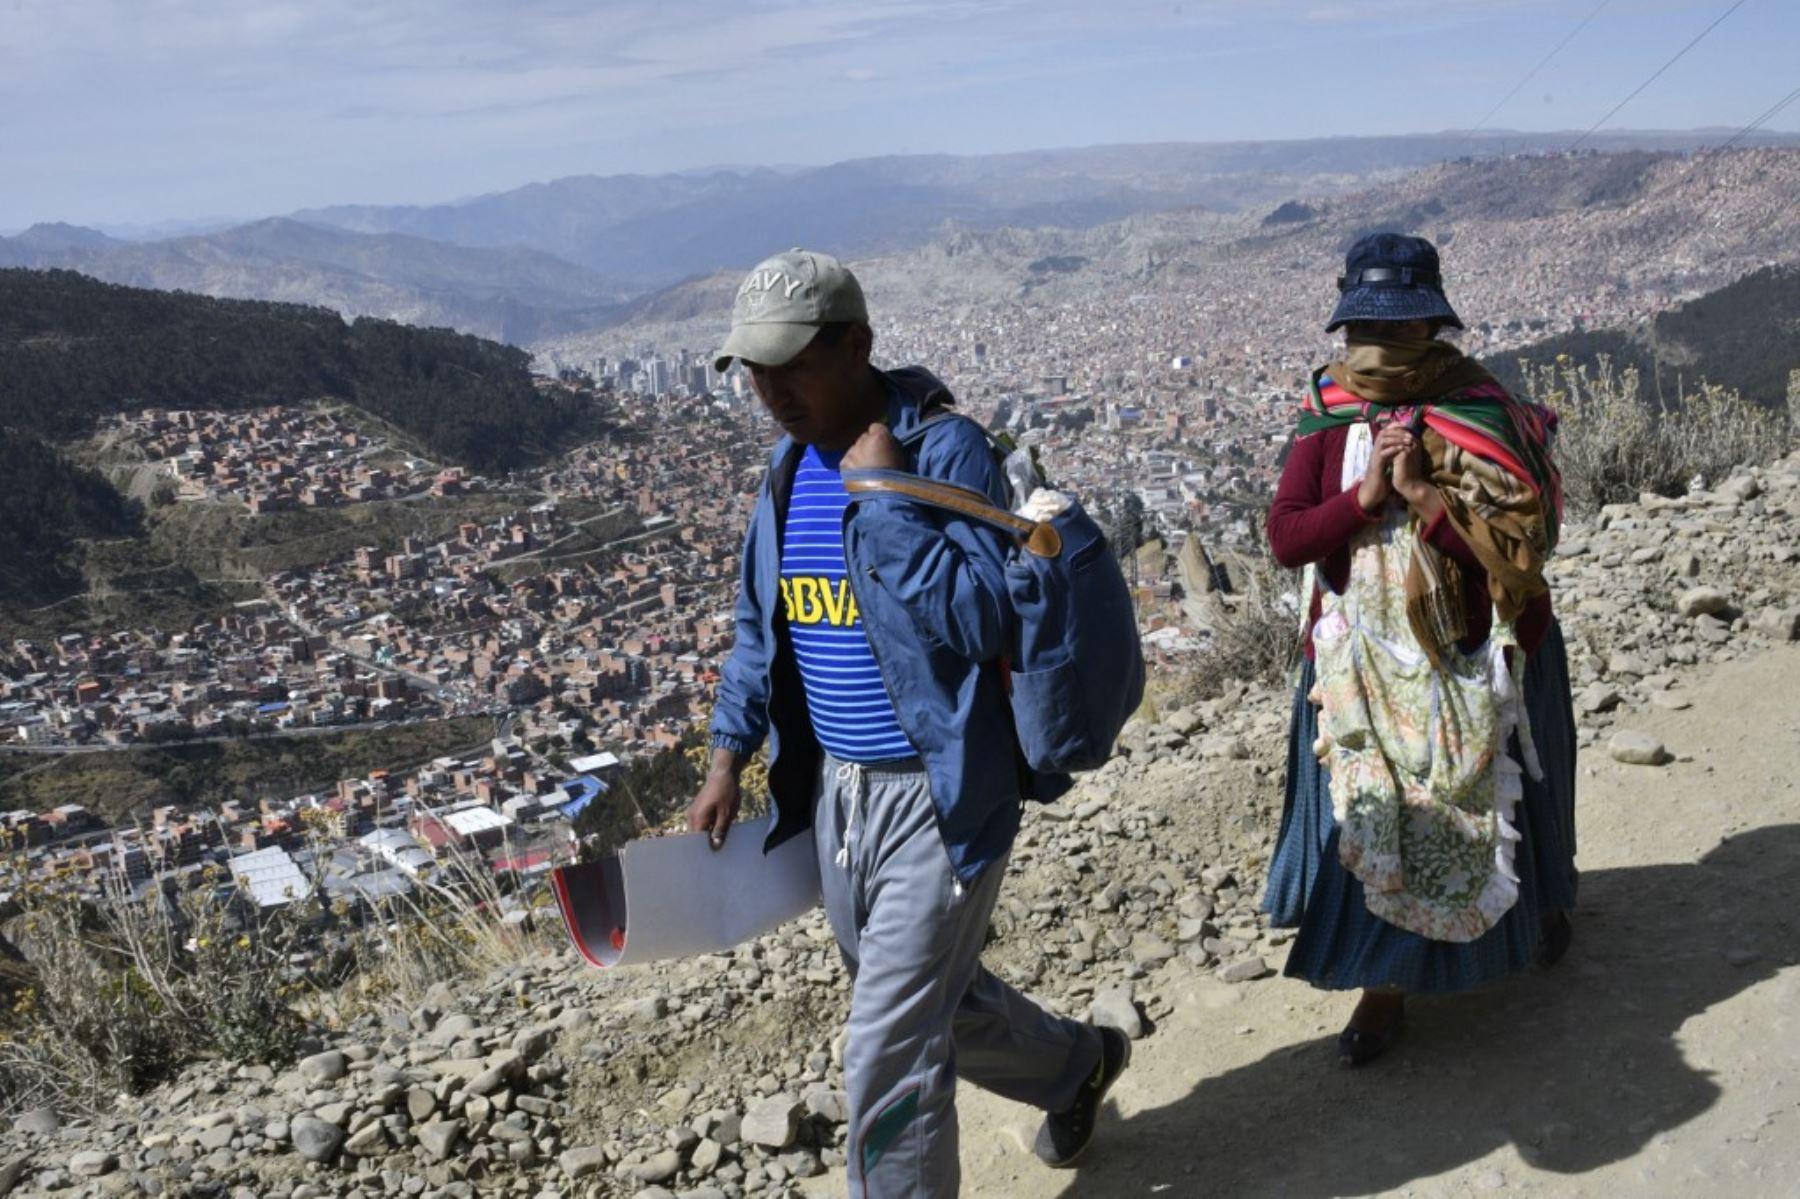 Habitantes del El Ato, en Bolivia, se desplazan en medio de la nueva pandemia de coronavirus. Foto: AFP